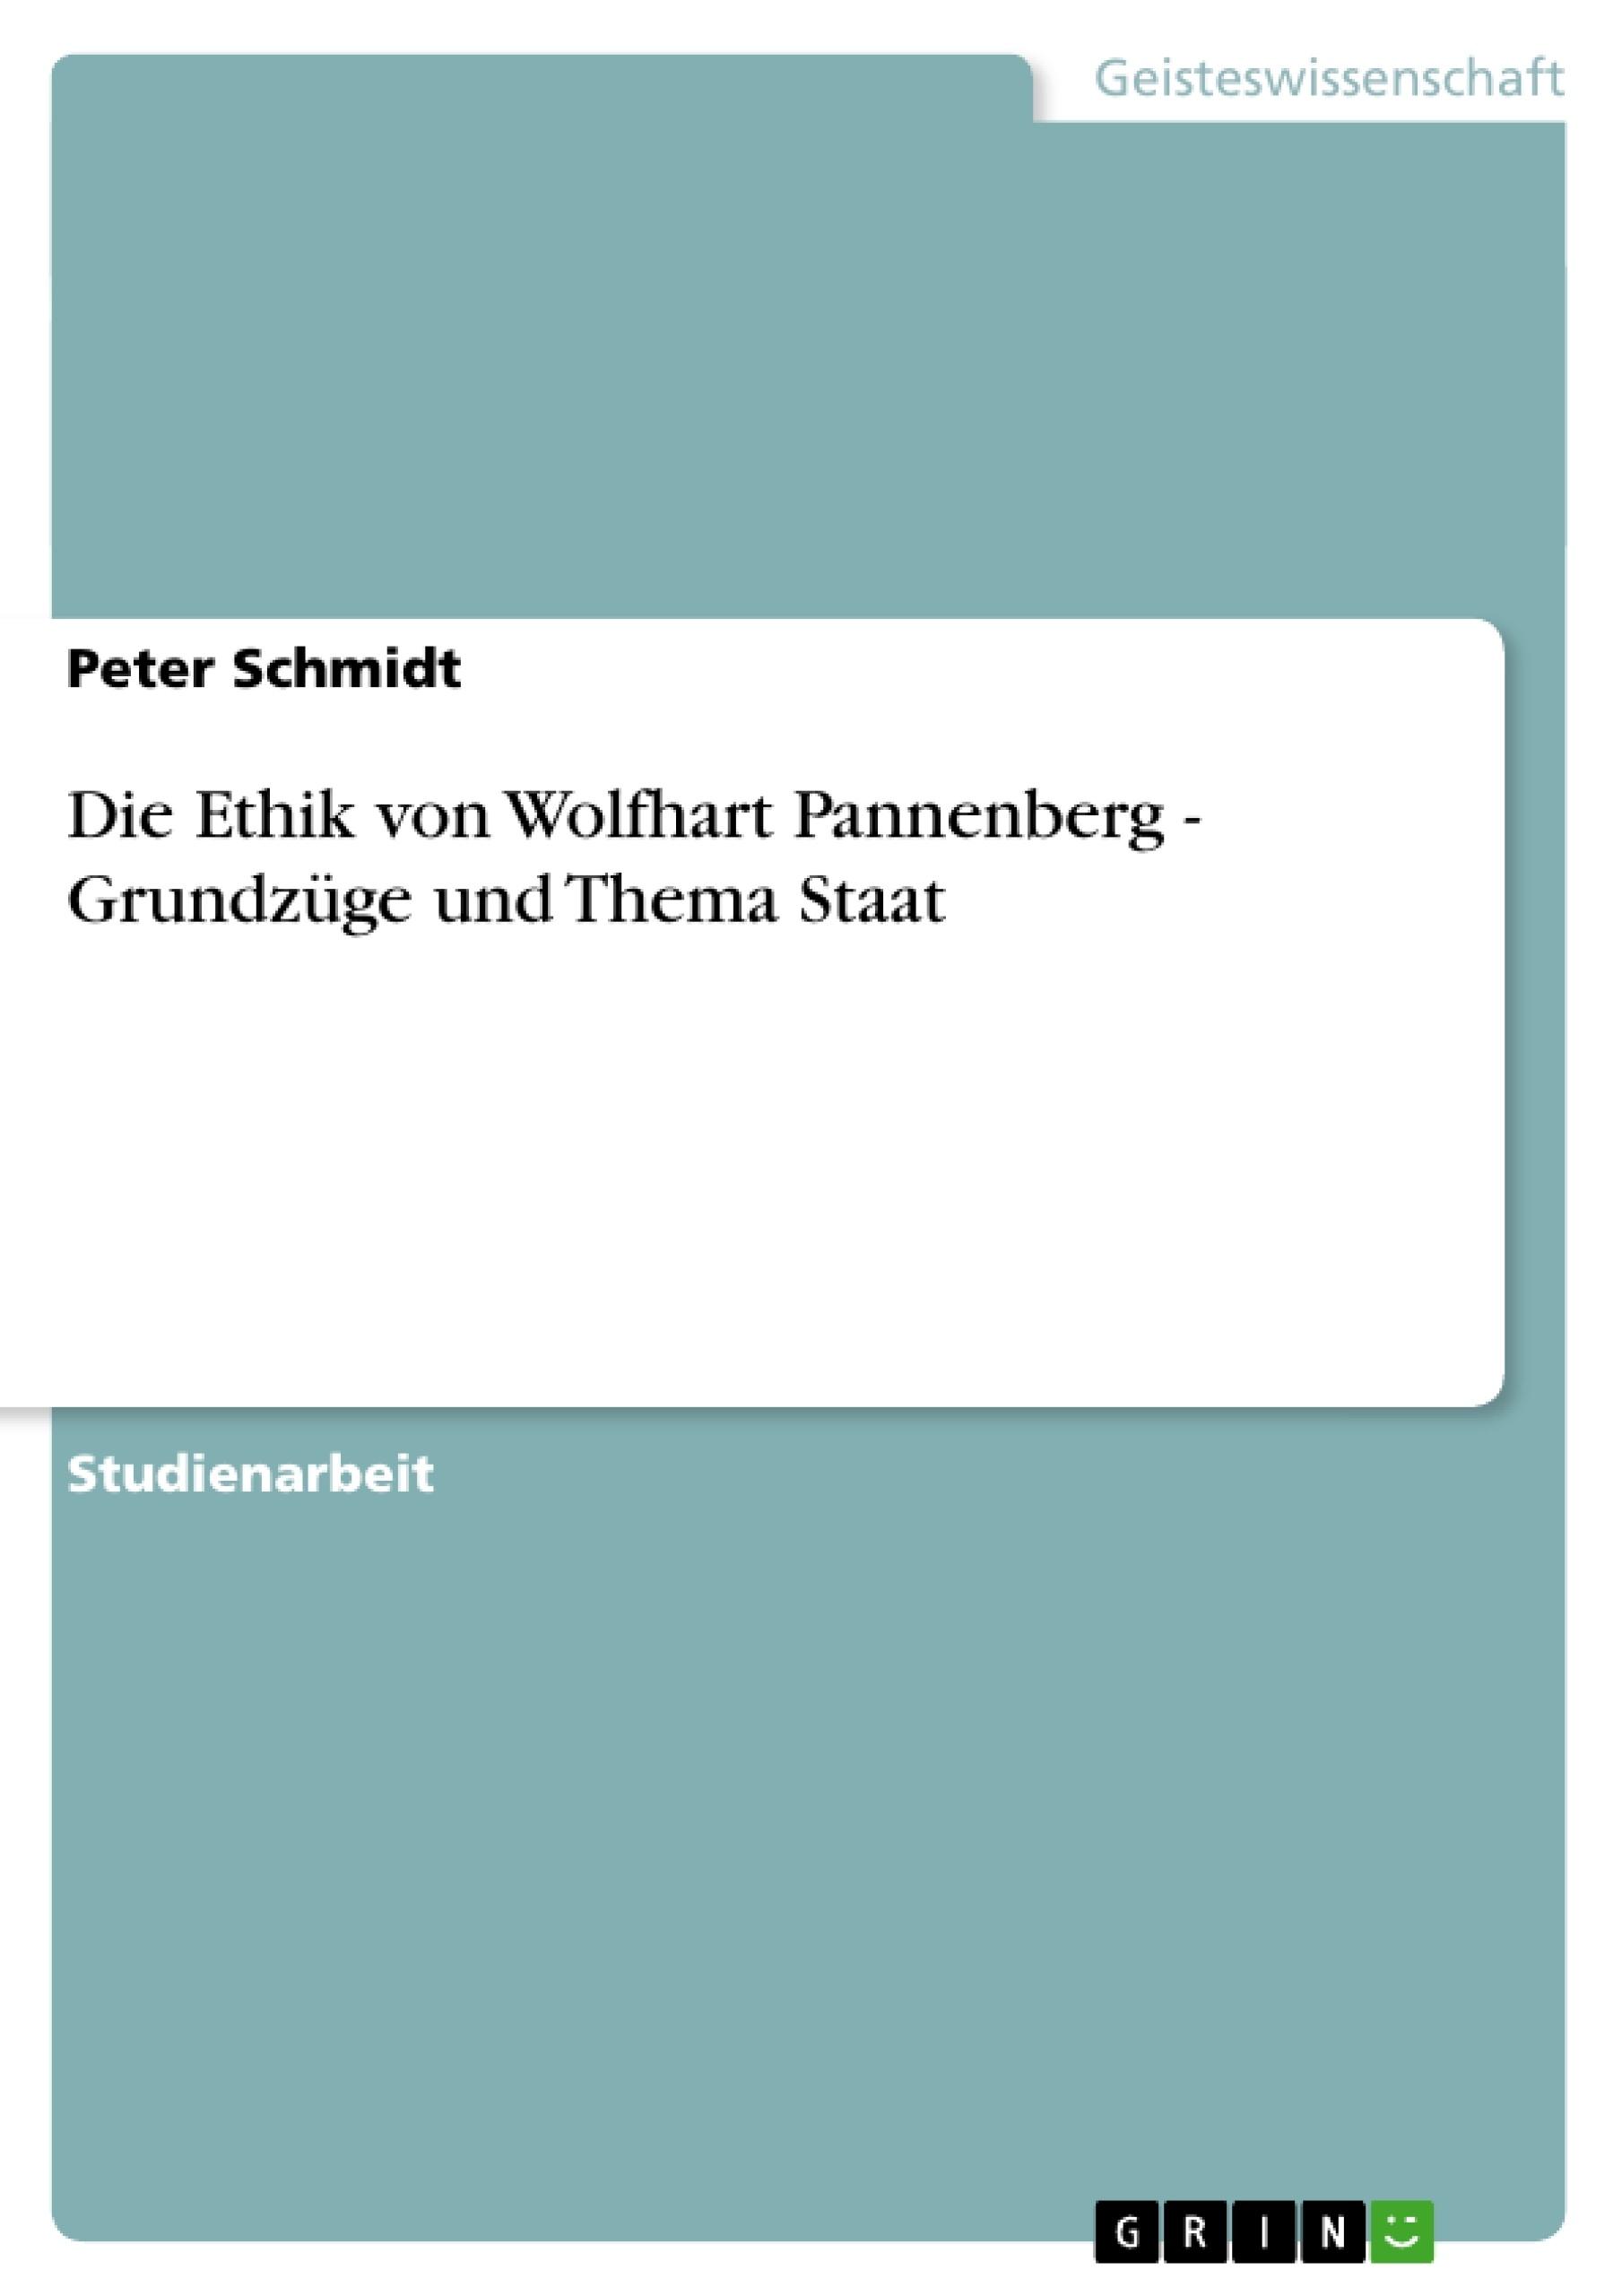 Titel: Die Ethik von Wolfhart Pannenberg - Grundzüge und Thema Staat